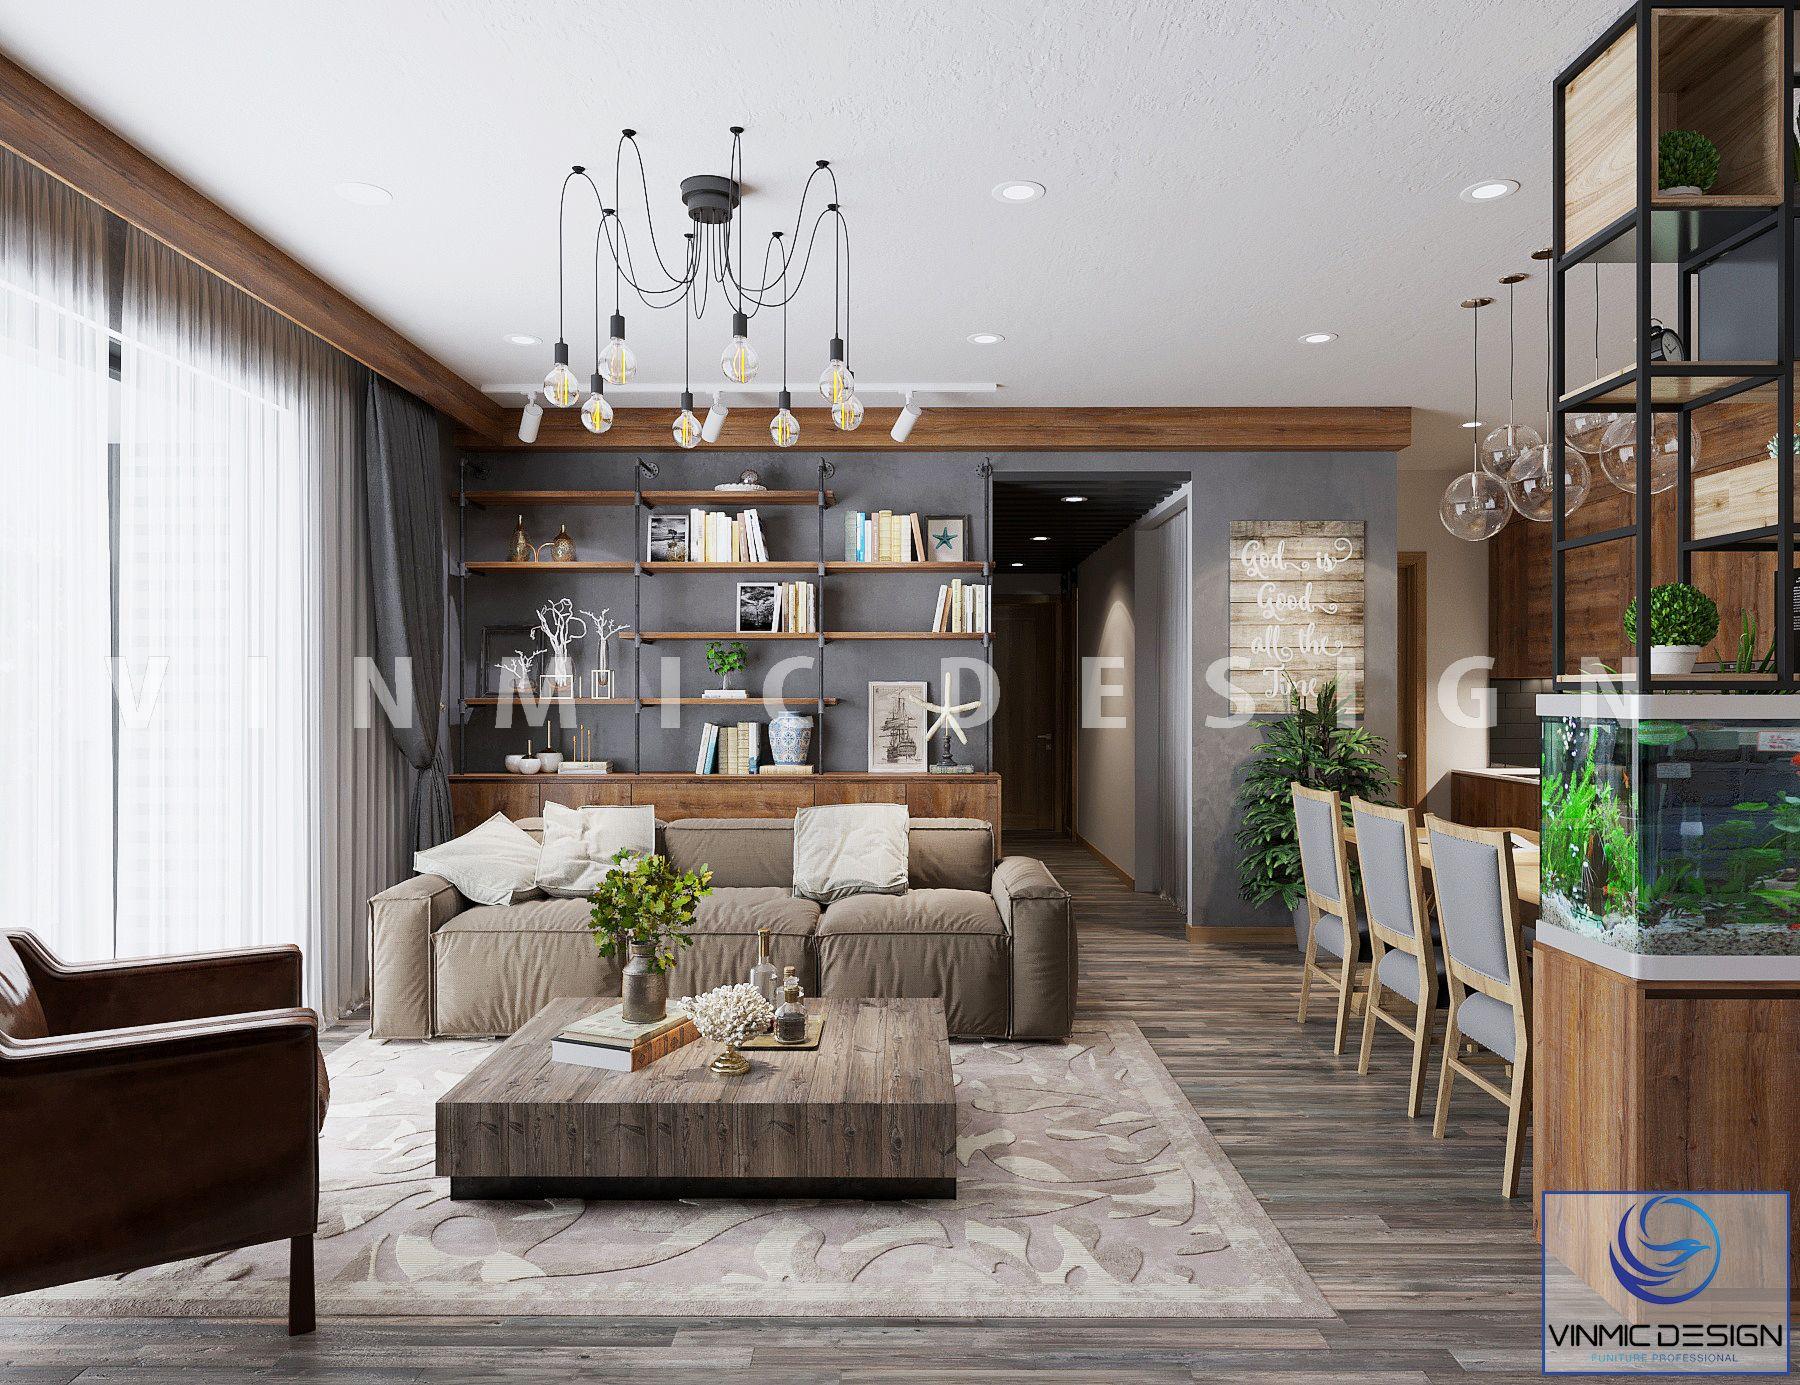 Thiết kế nội thất phòng khách với điểm nhấn gỗ công nghiệp bề mặt Melamine hiện đại